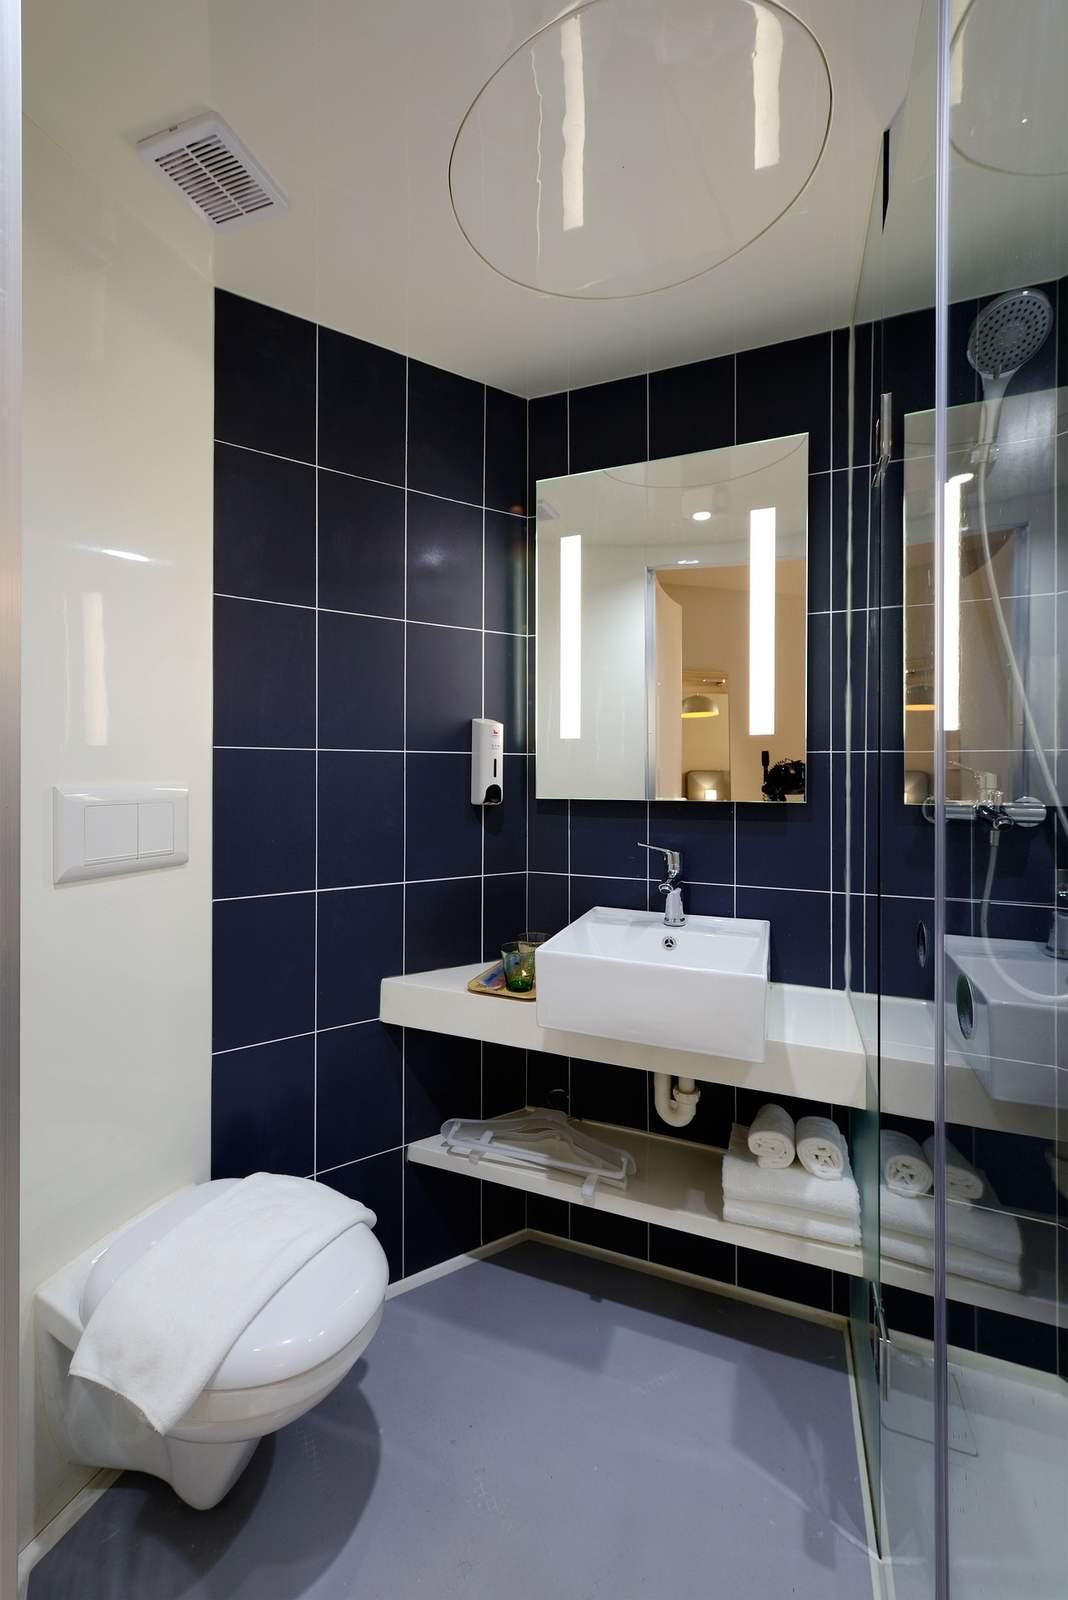 Łazienka z lustrem oświetlonym z dwóch stron